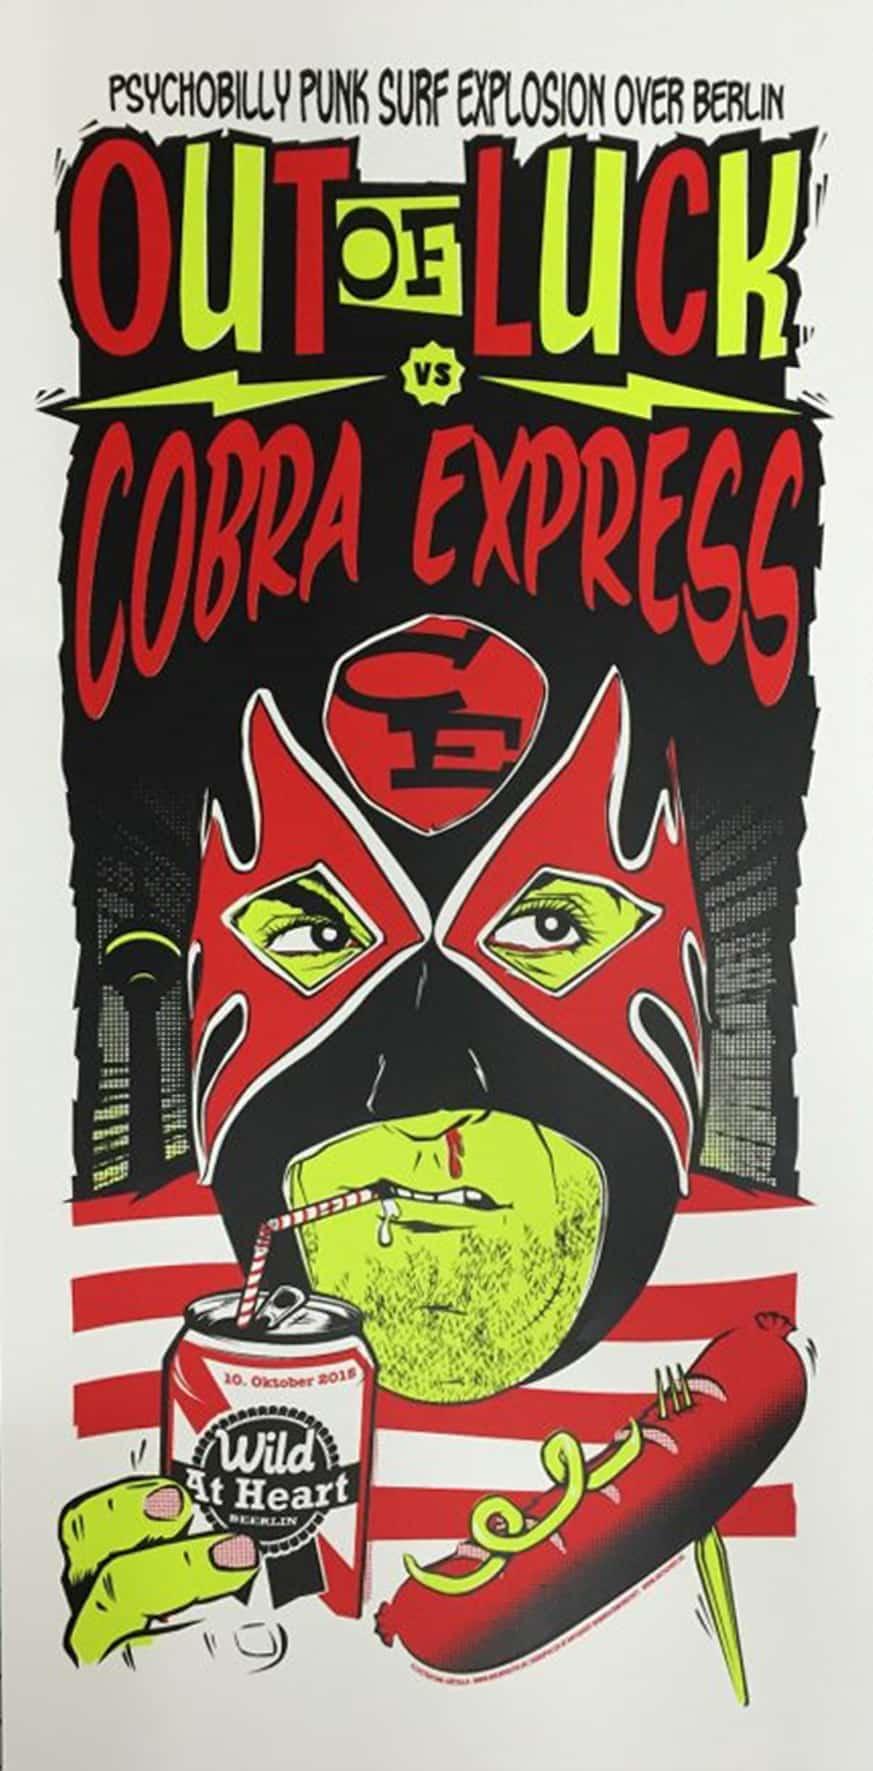 Cobra Express - Gigposter